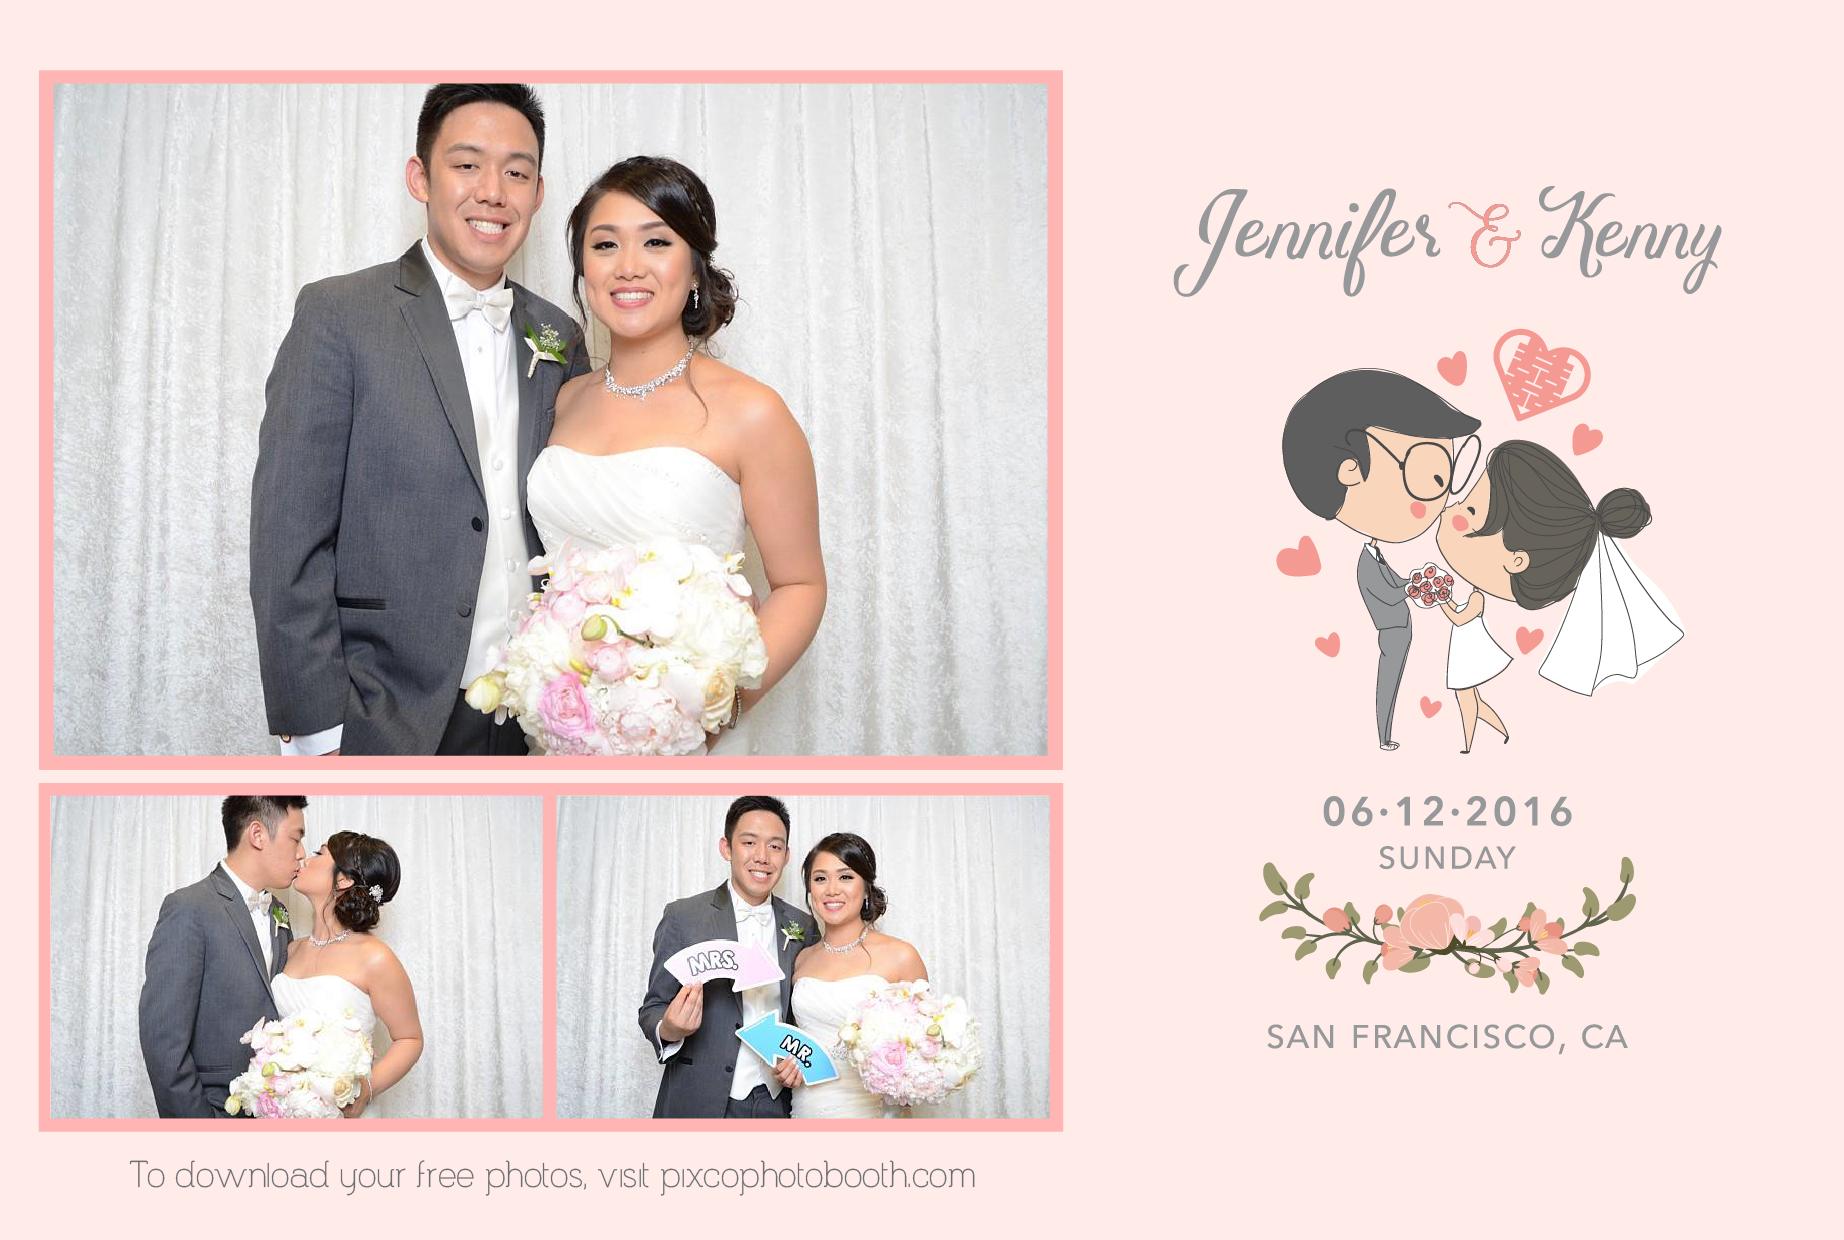 jk_photobooth_v1-19.png